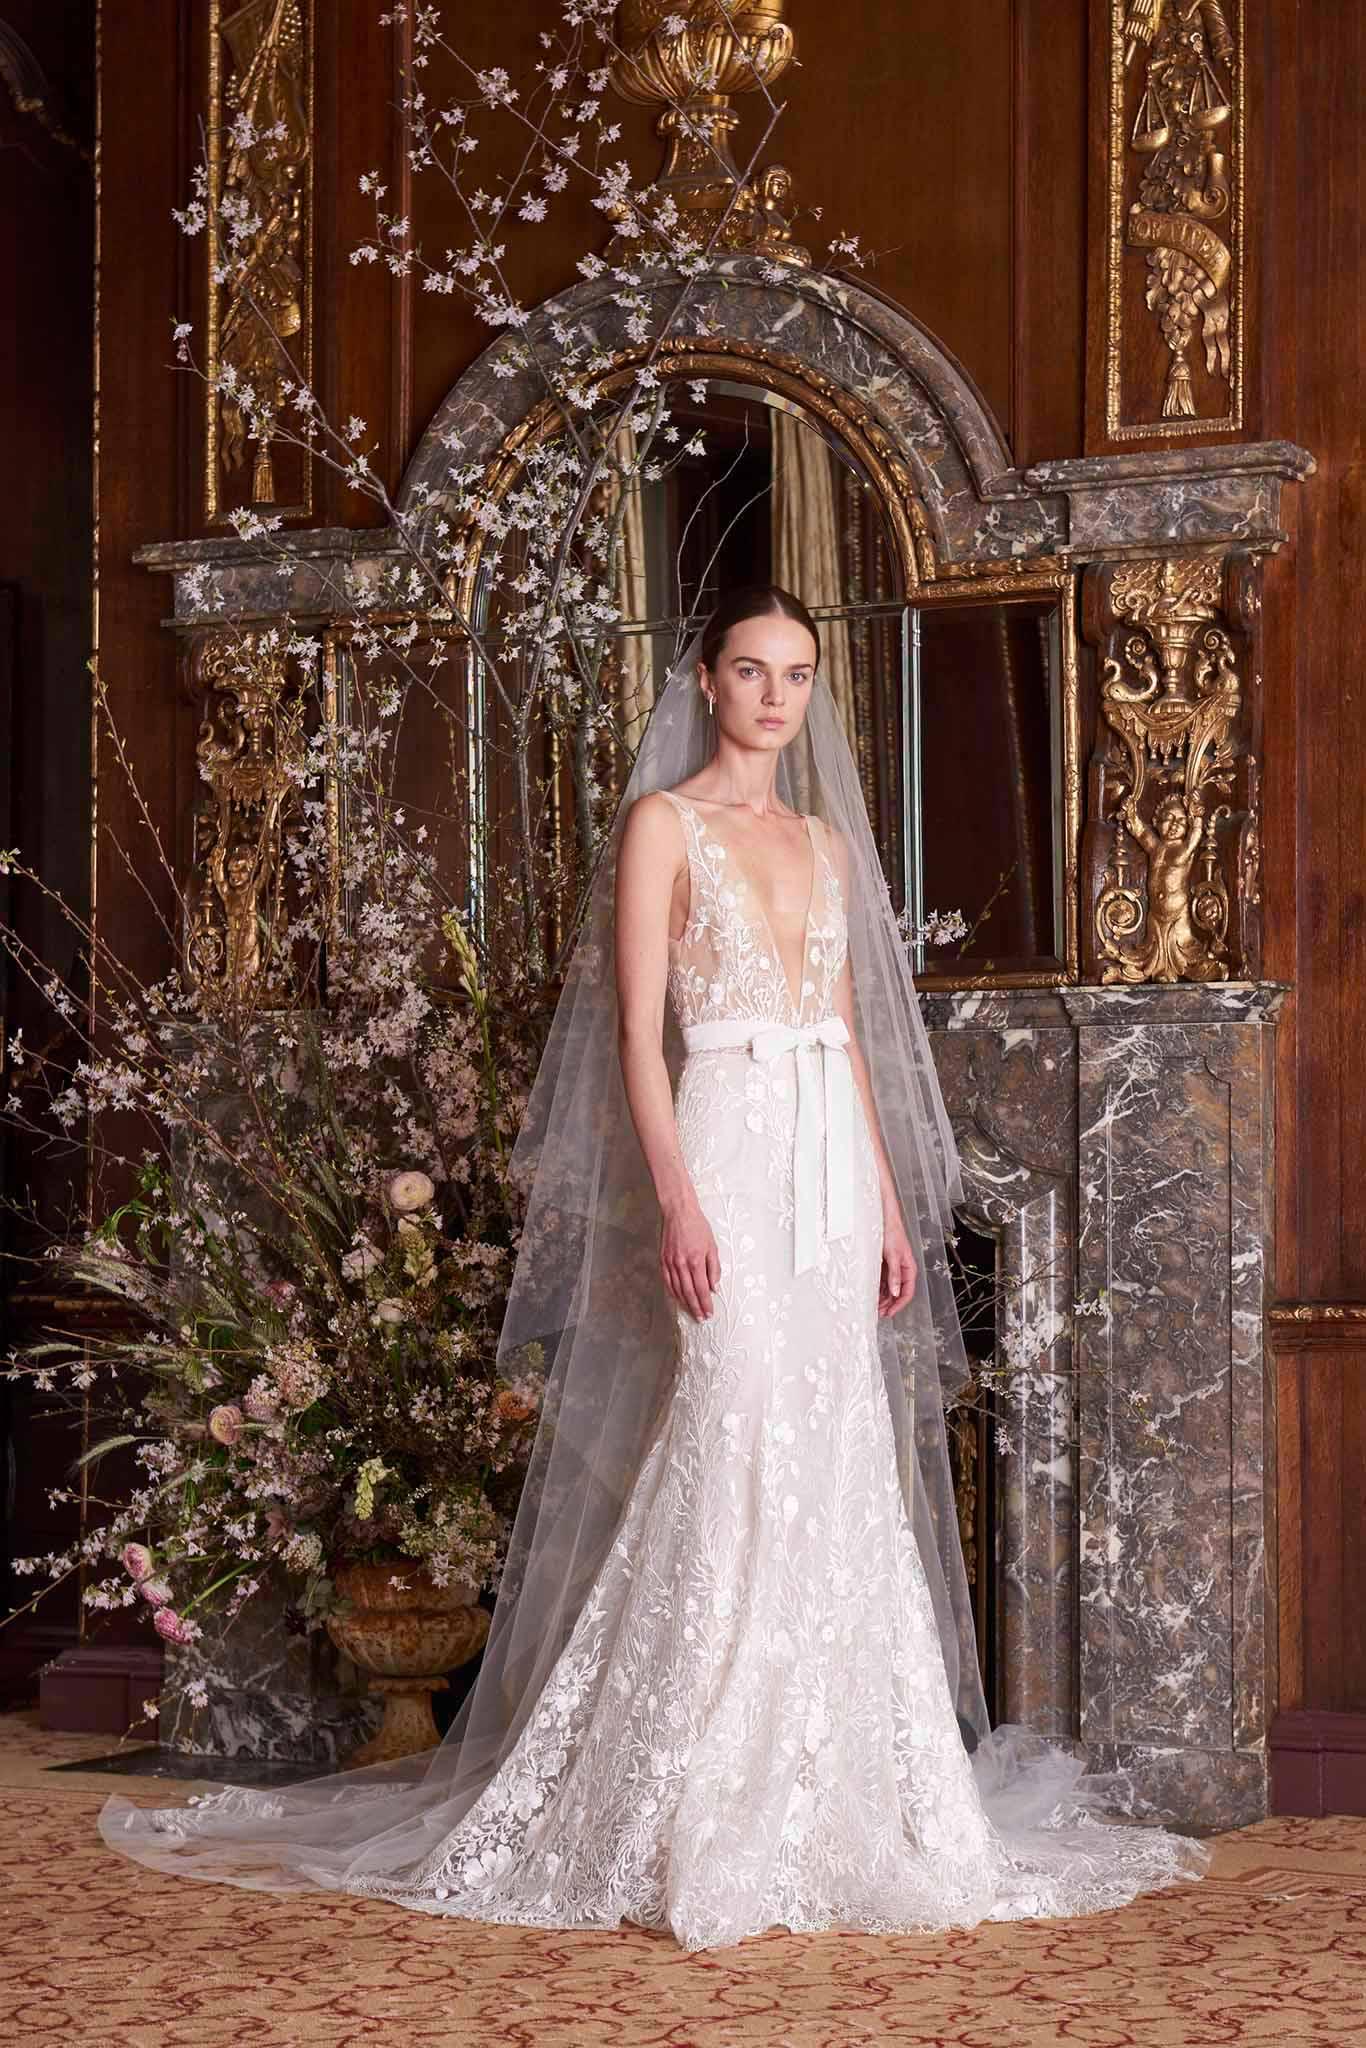 c2a90303e Monique Lhuillier Etoile wedding dress - Browns Bride